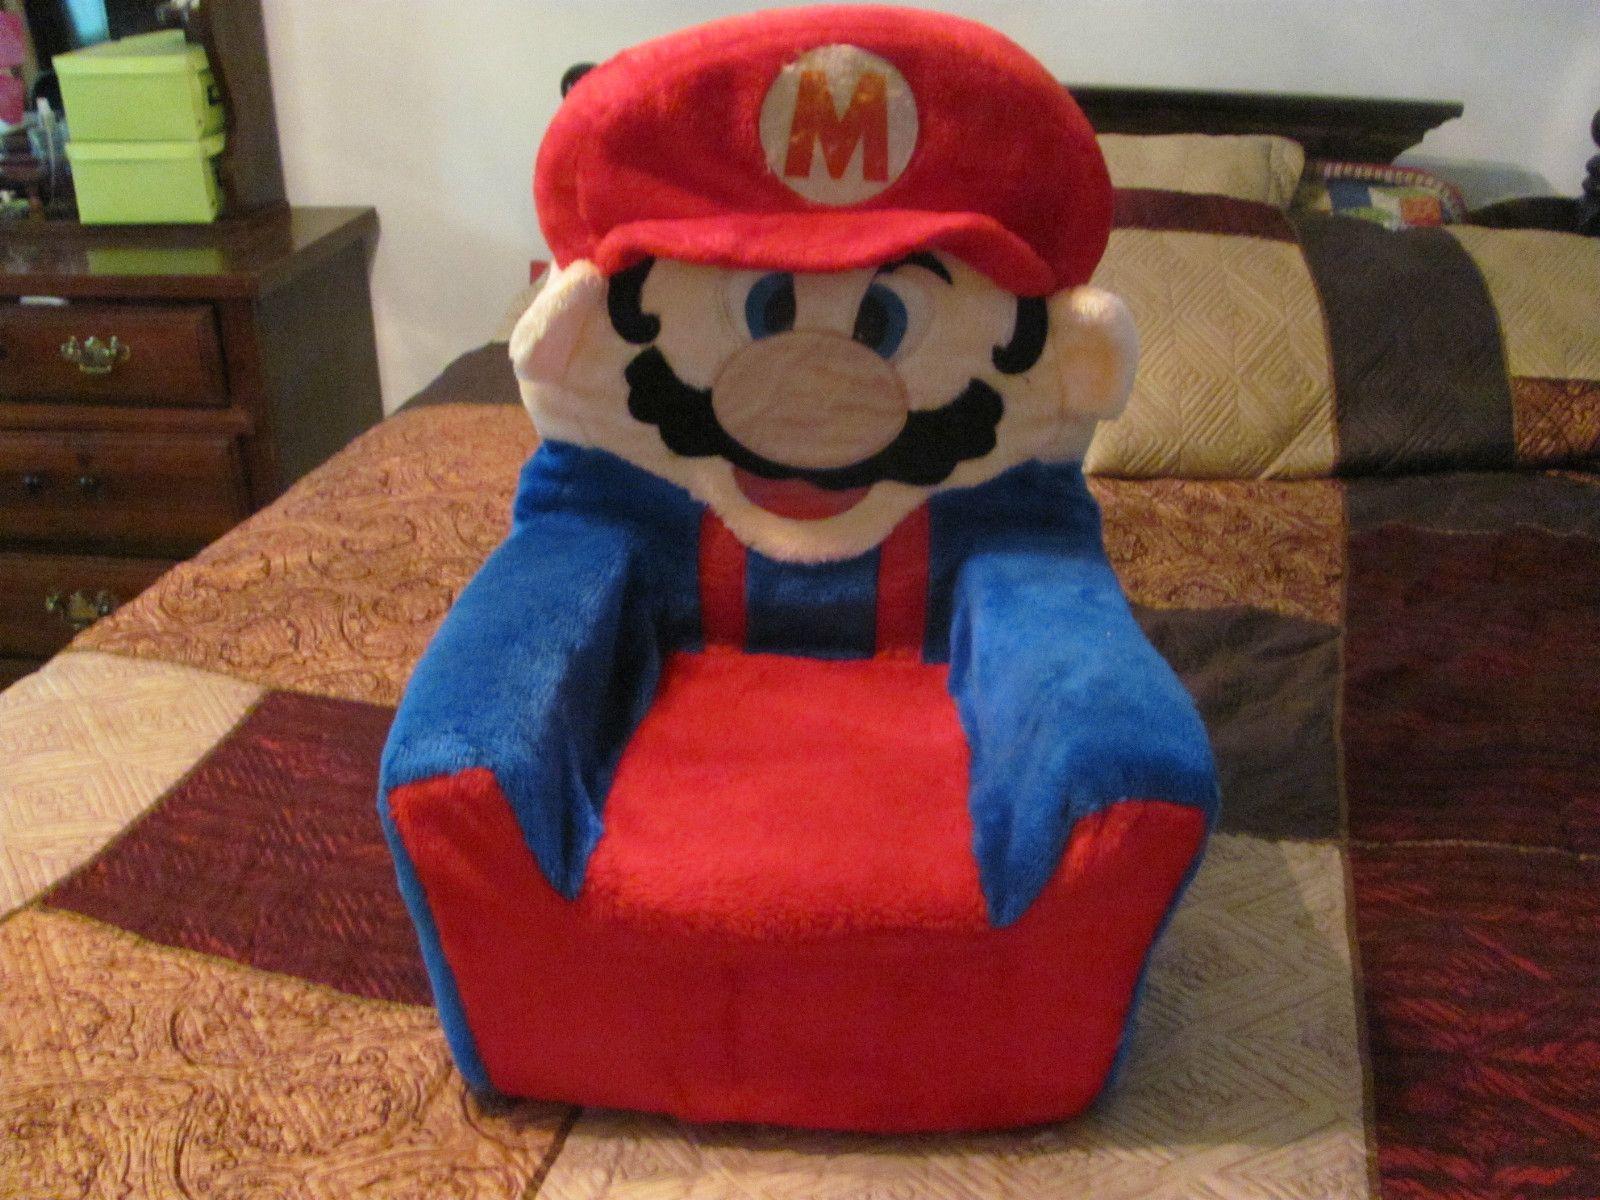 super mario plush pictures   Super Mario Bros Vintage Plush Chair - Video Game Auctions & super mario plush pictures   Super Mario Bros Vintage Plush Chair ...